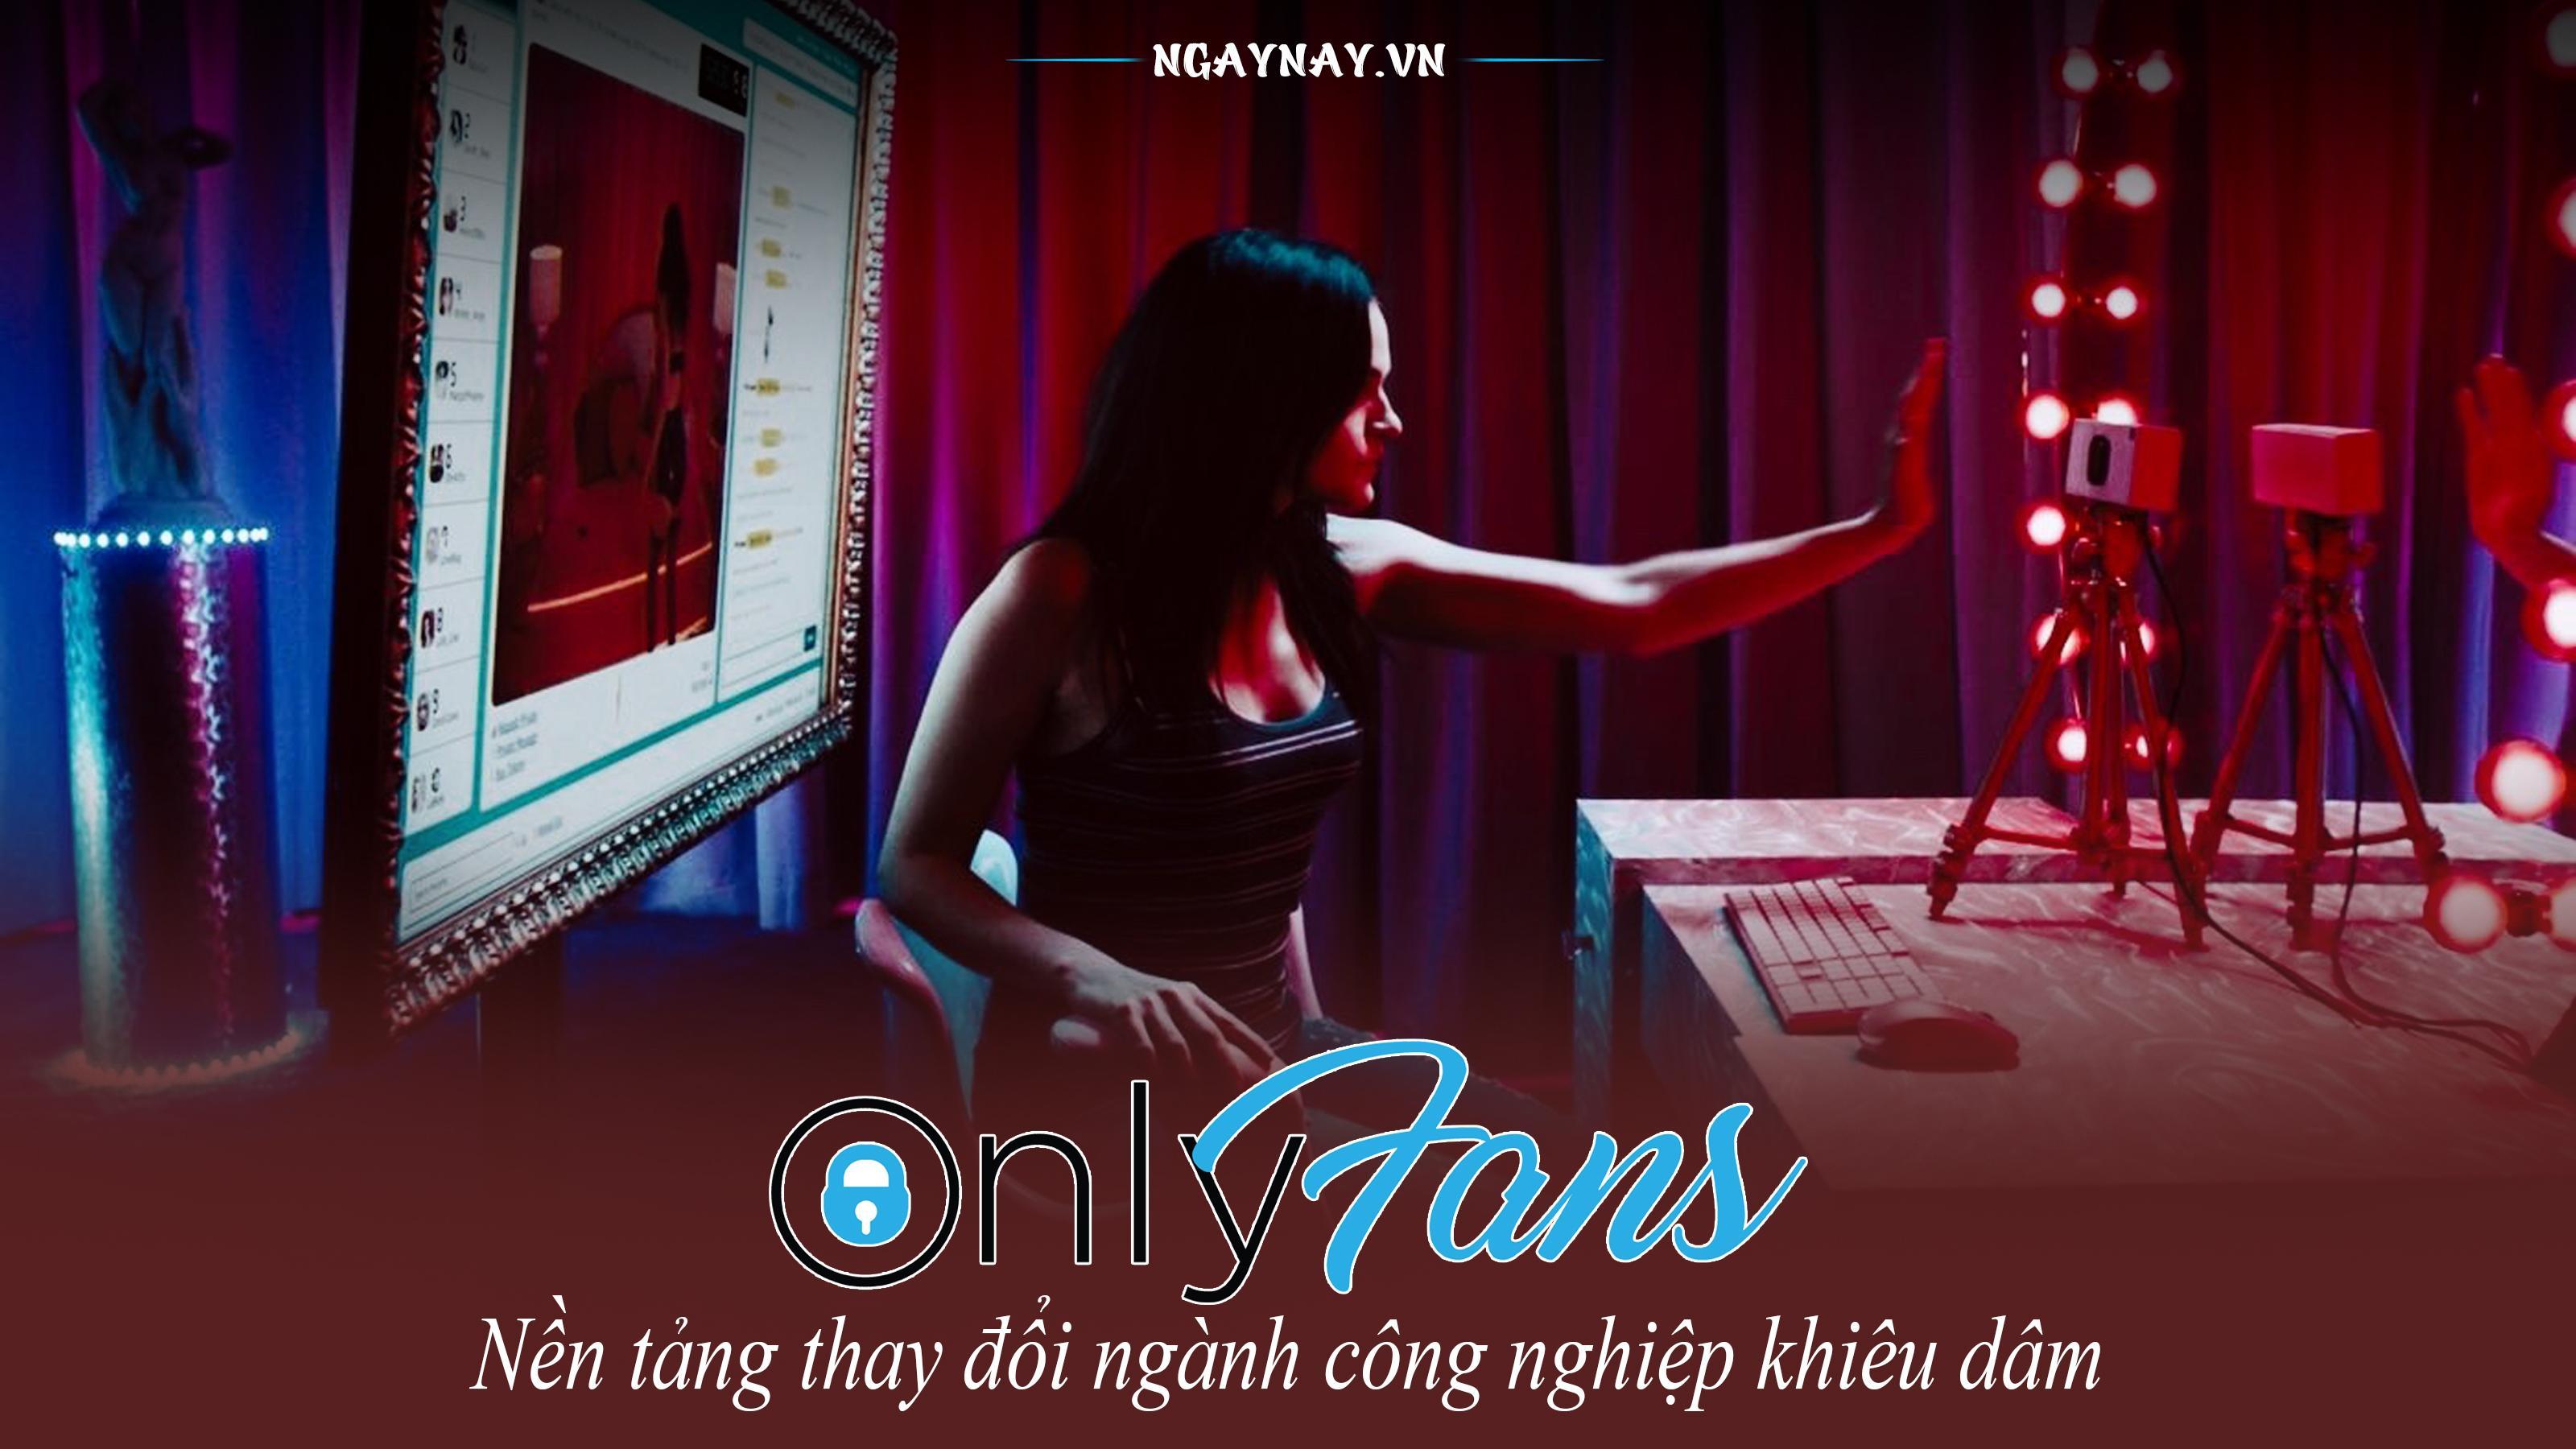 OnlyFans: Nền tảng thay đổi ngành công nghiệp khiêu dâm